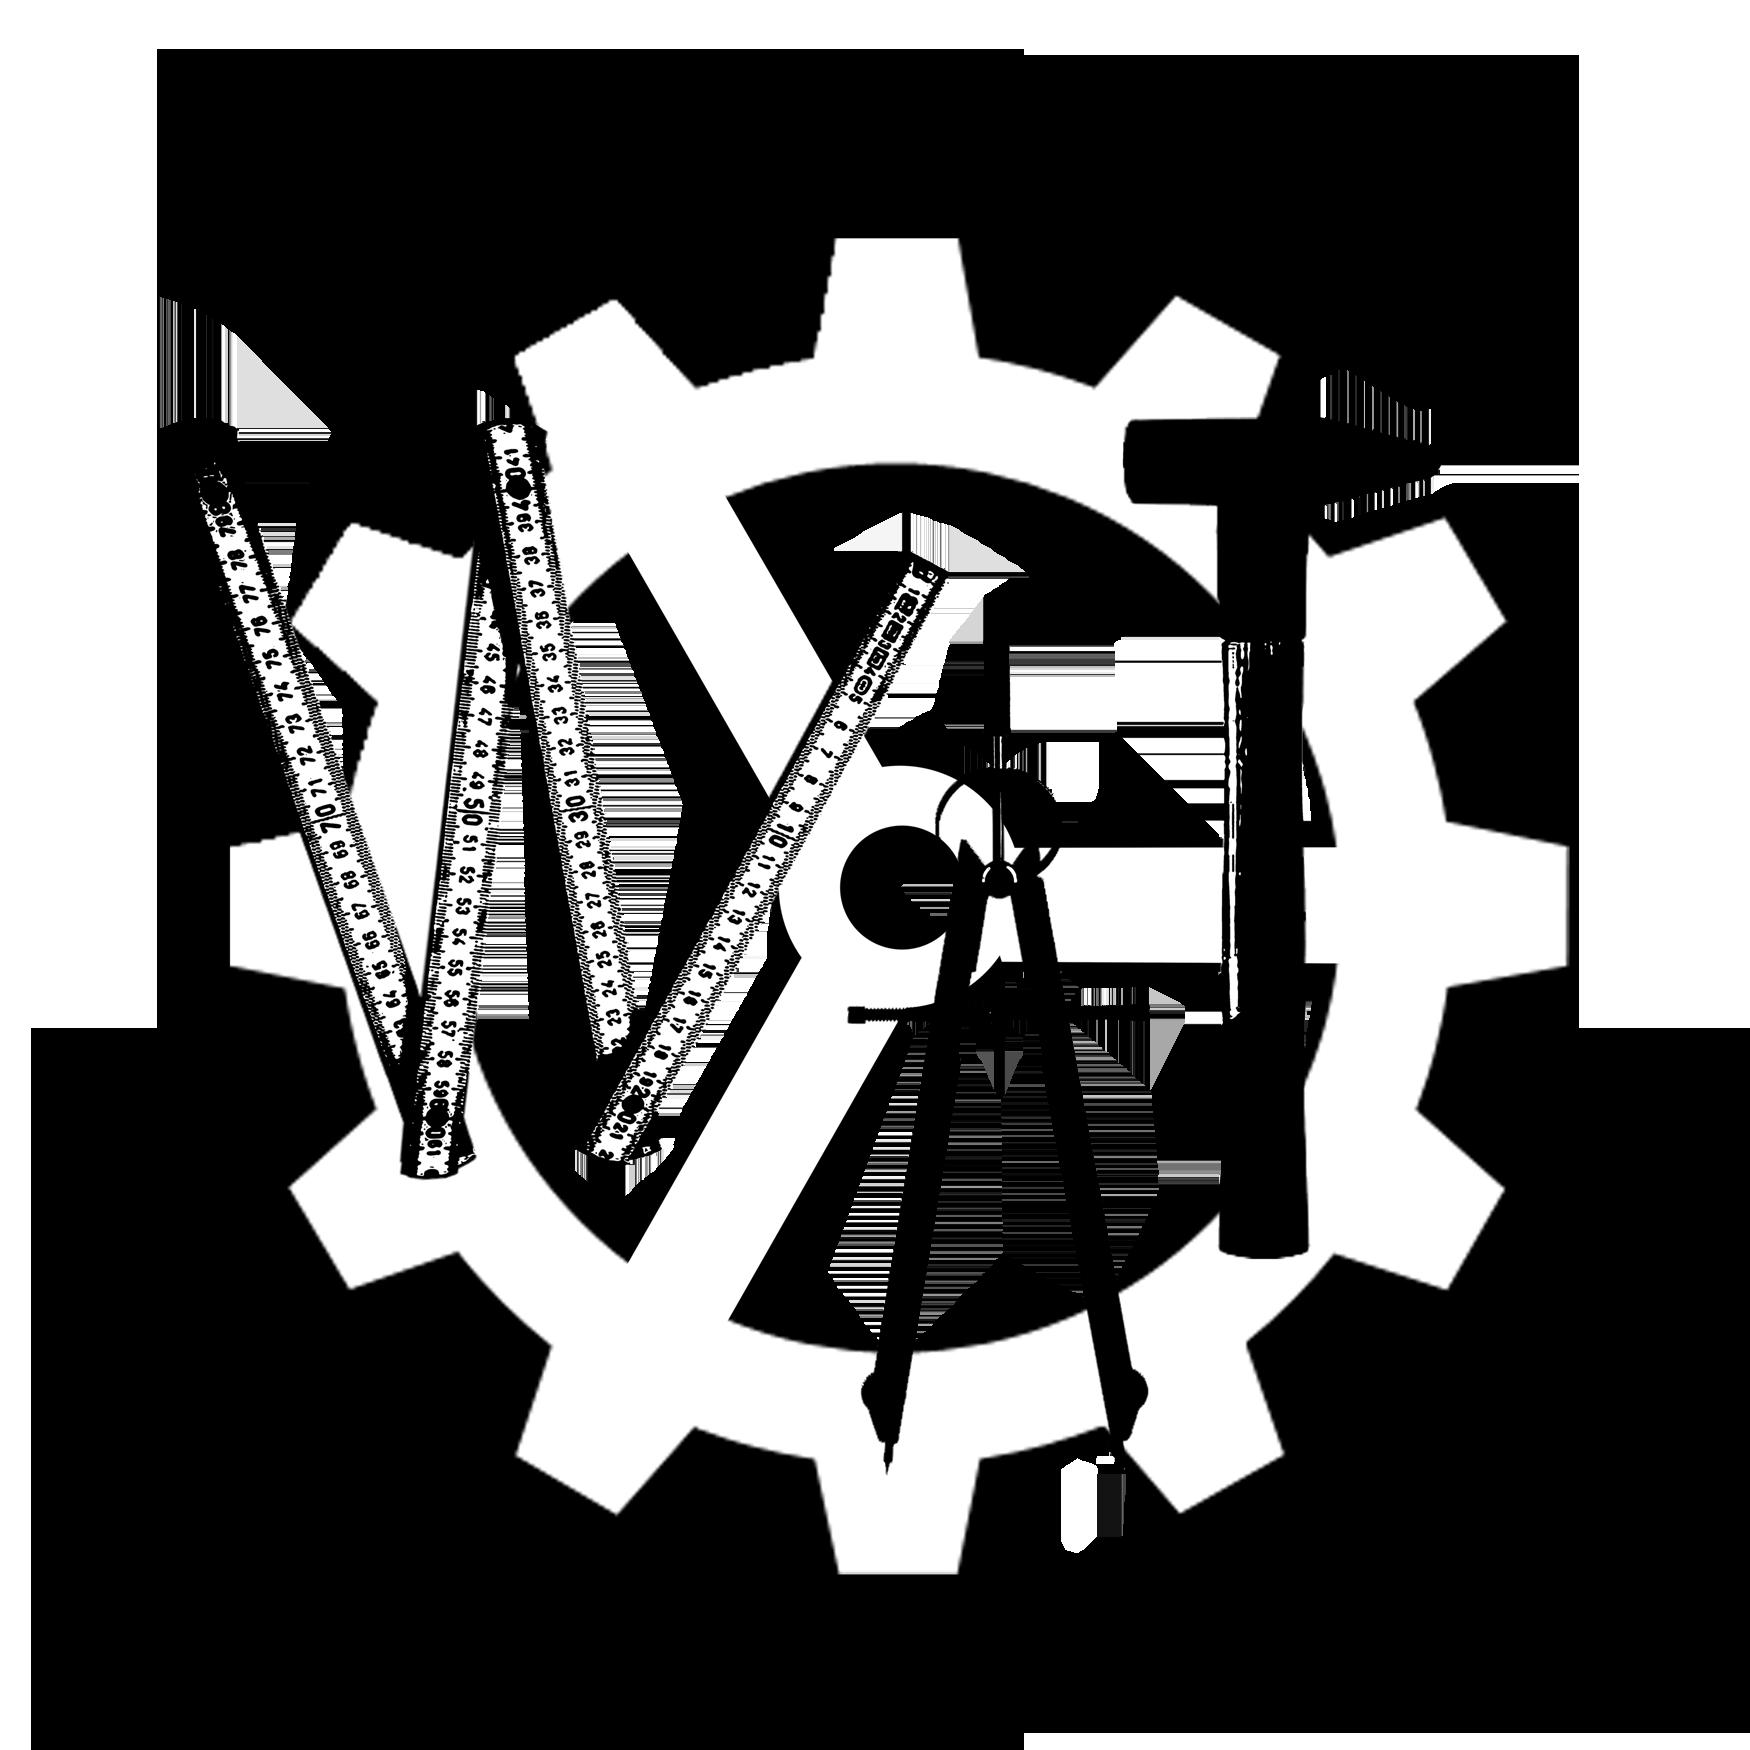 Arbeit wirtschaft technik clipart clipart download Universität Potsdam: Lehreinheit für Wirtschaft- Arbeit-Technik ... clipart download